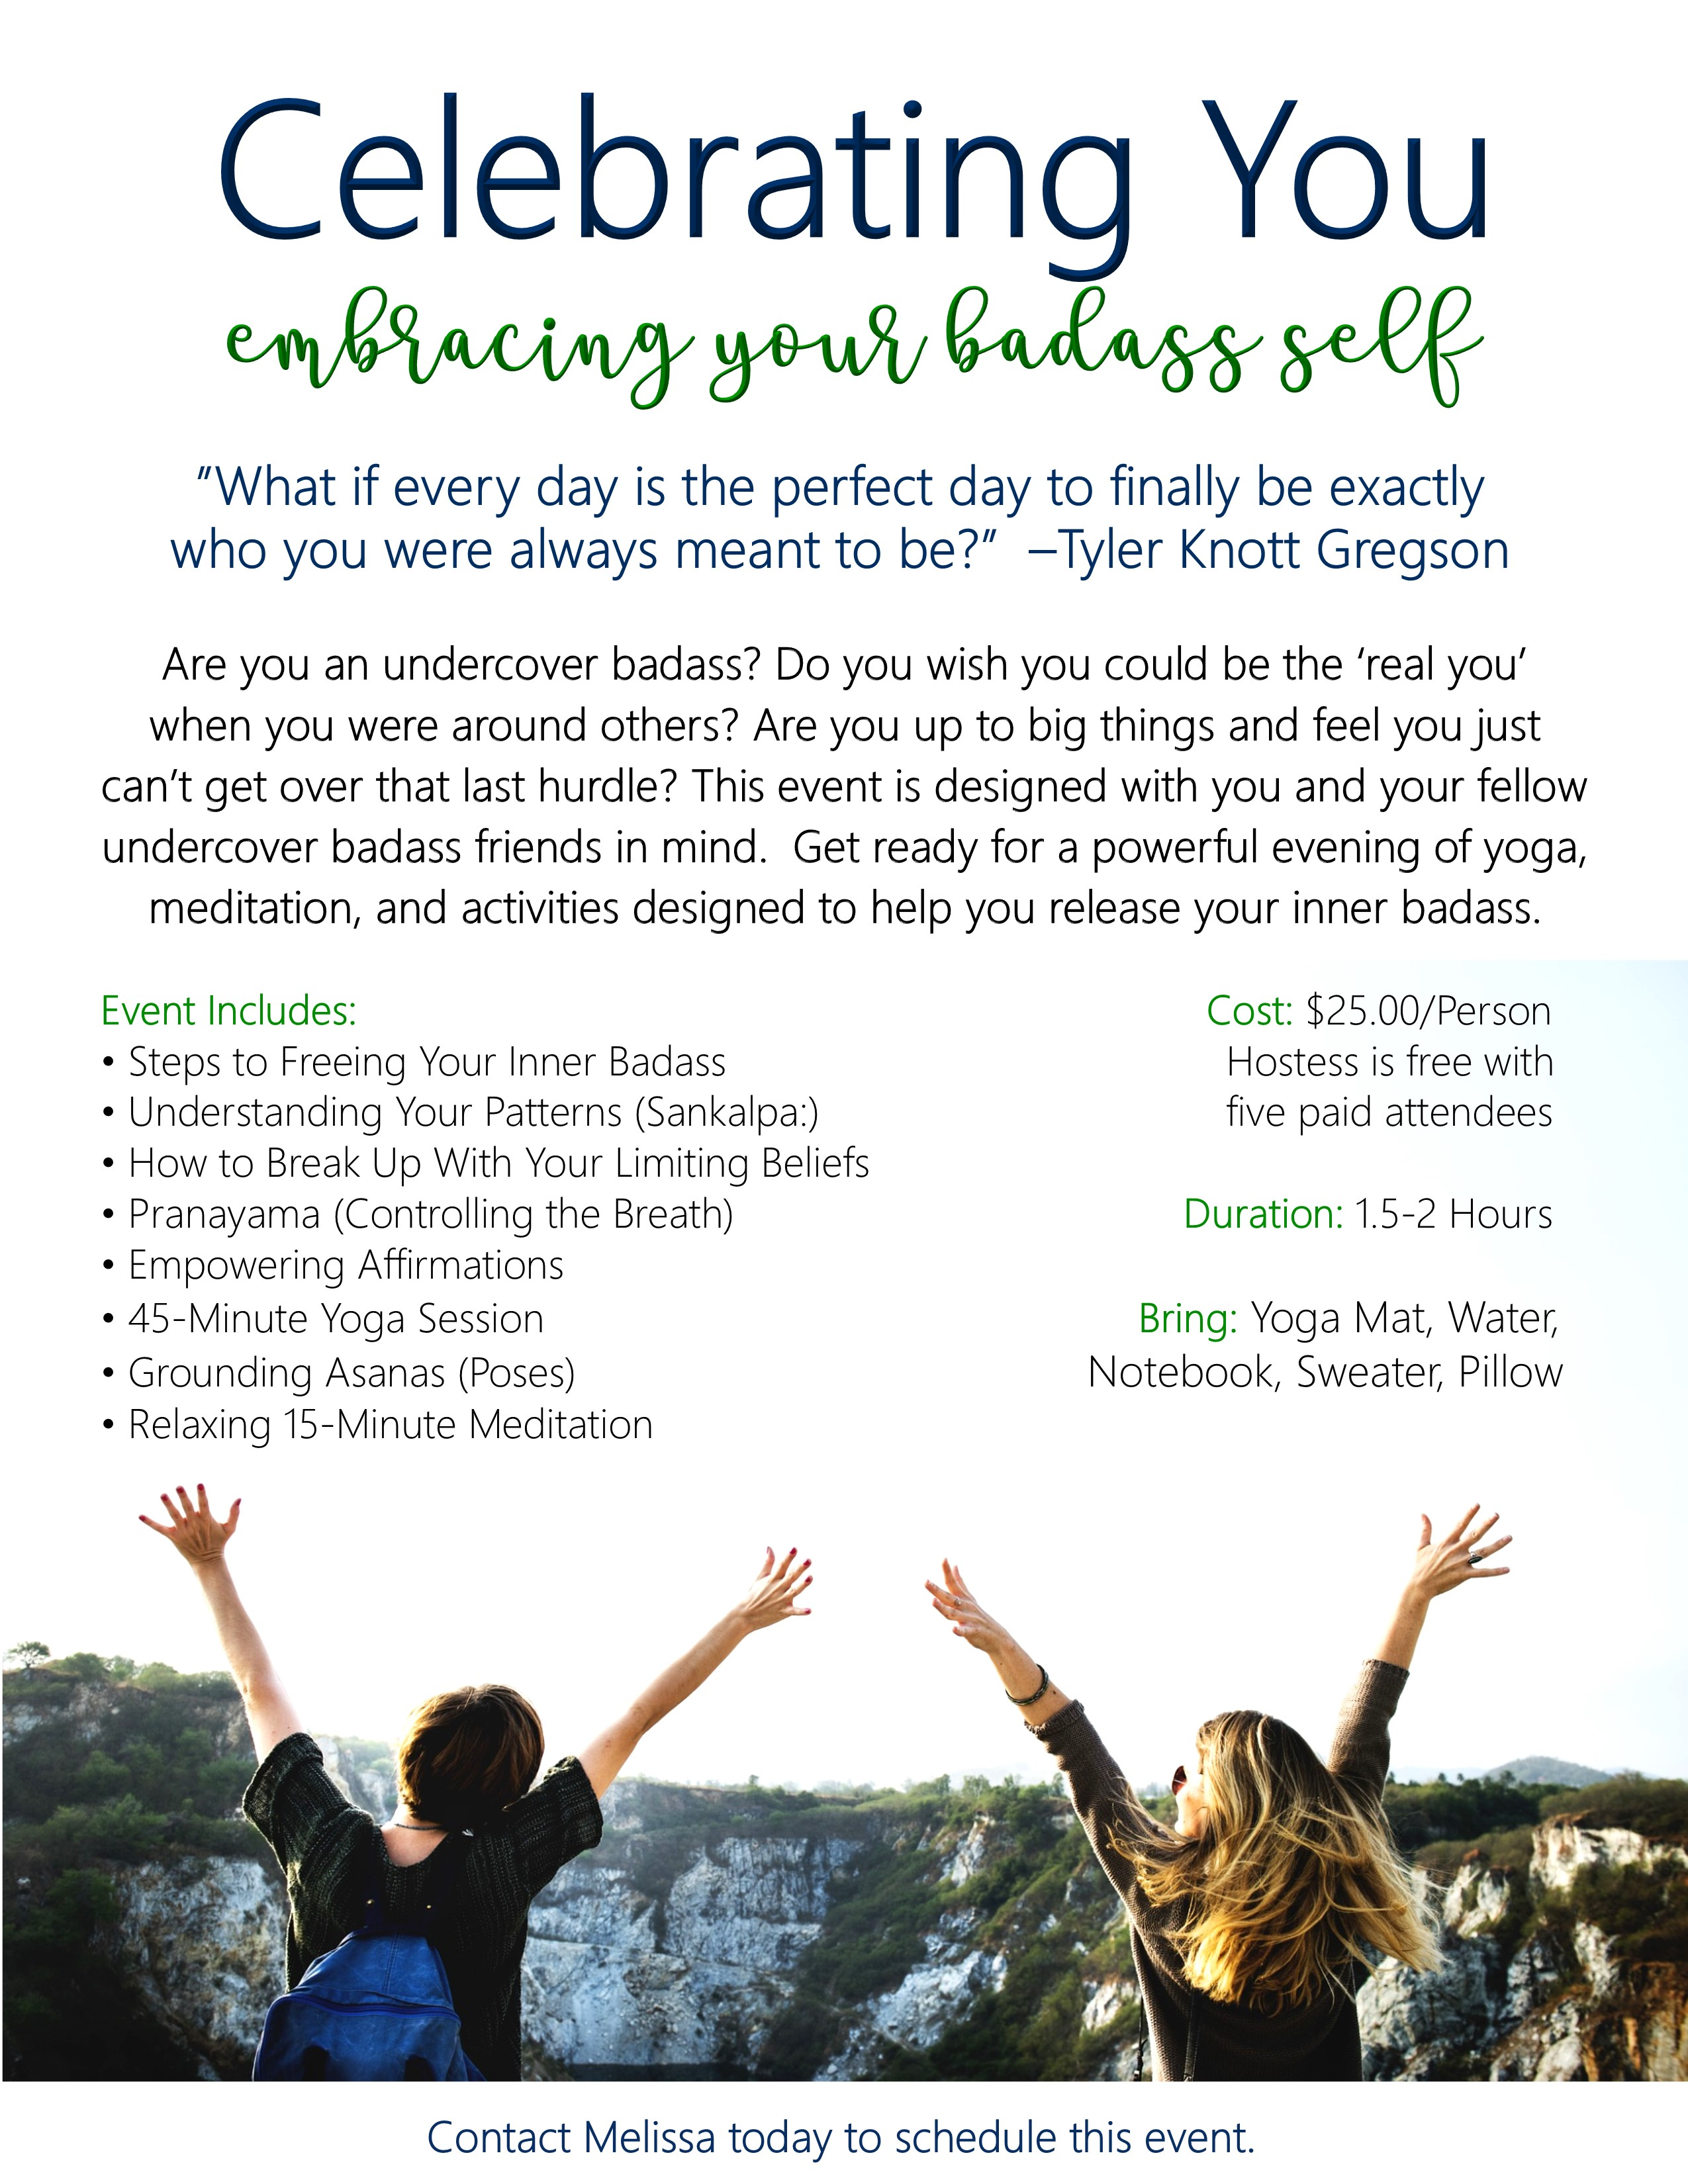 Celebrating You Event Flyer WEBSITE